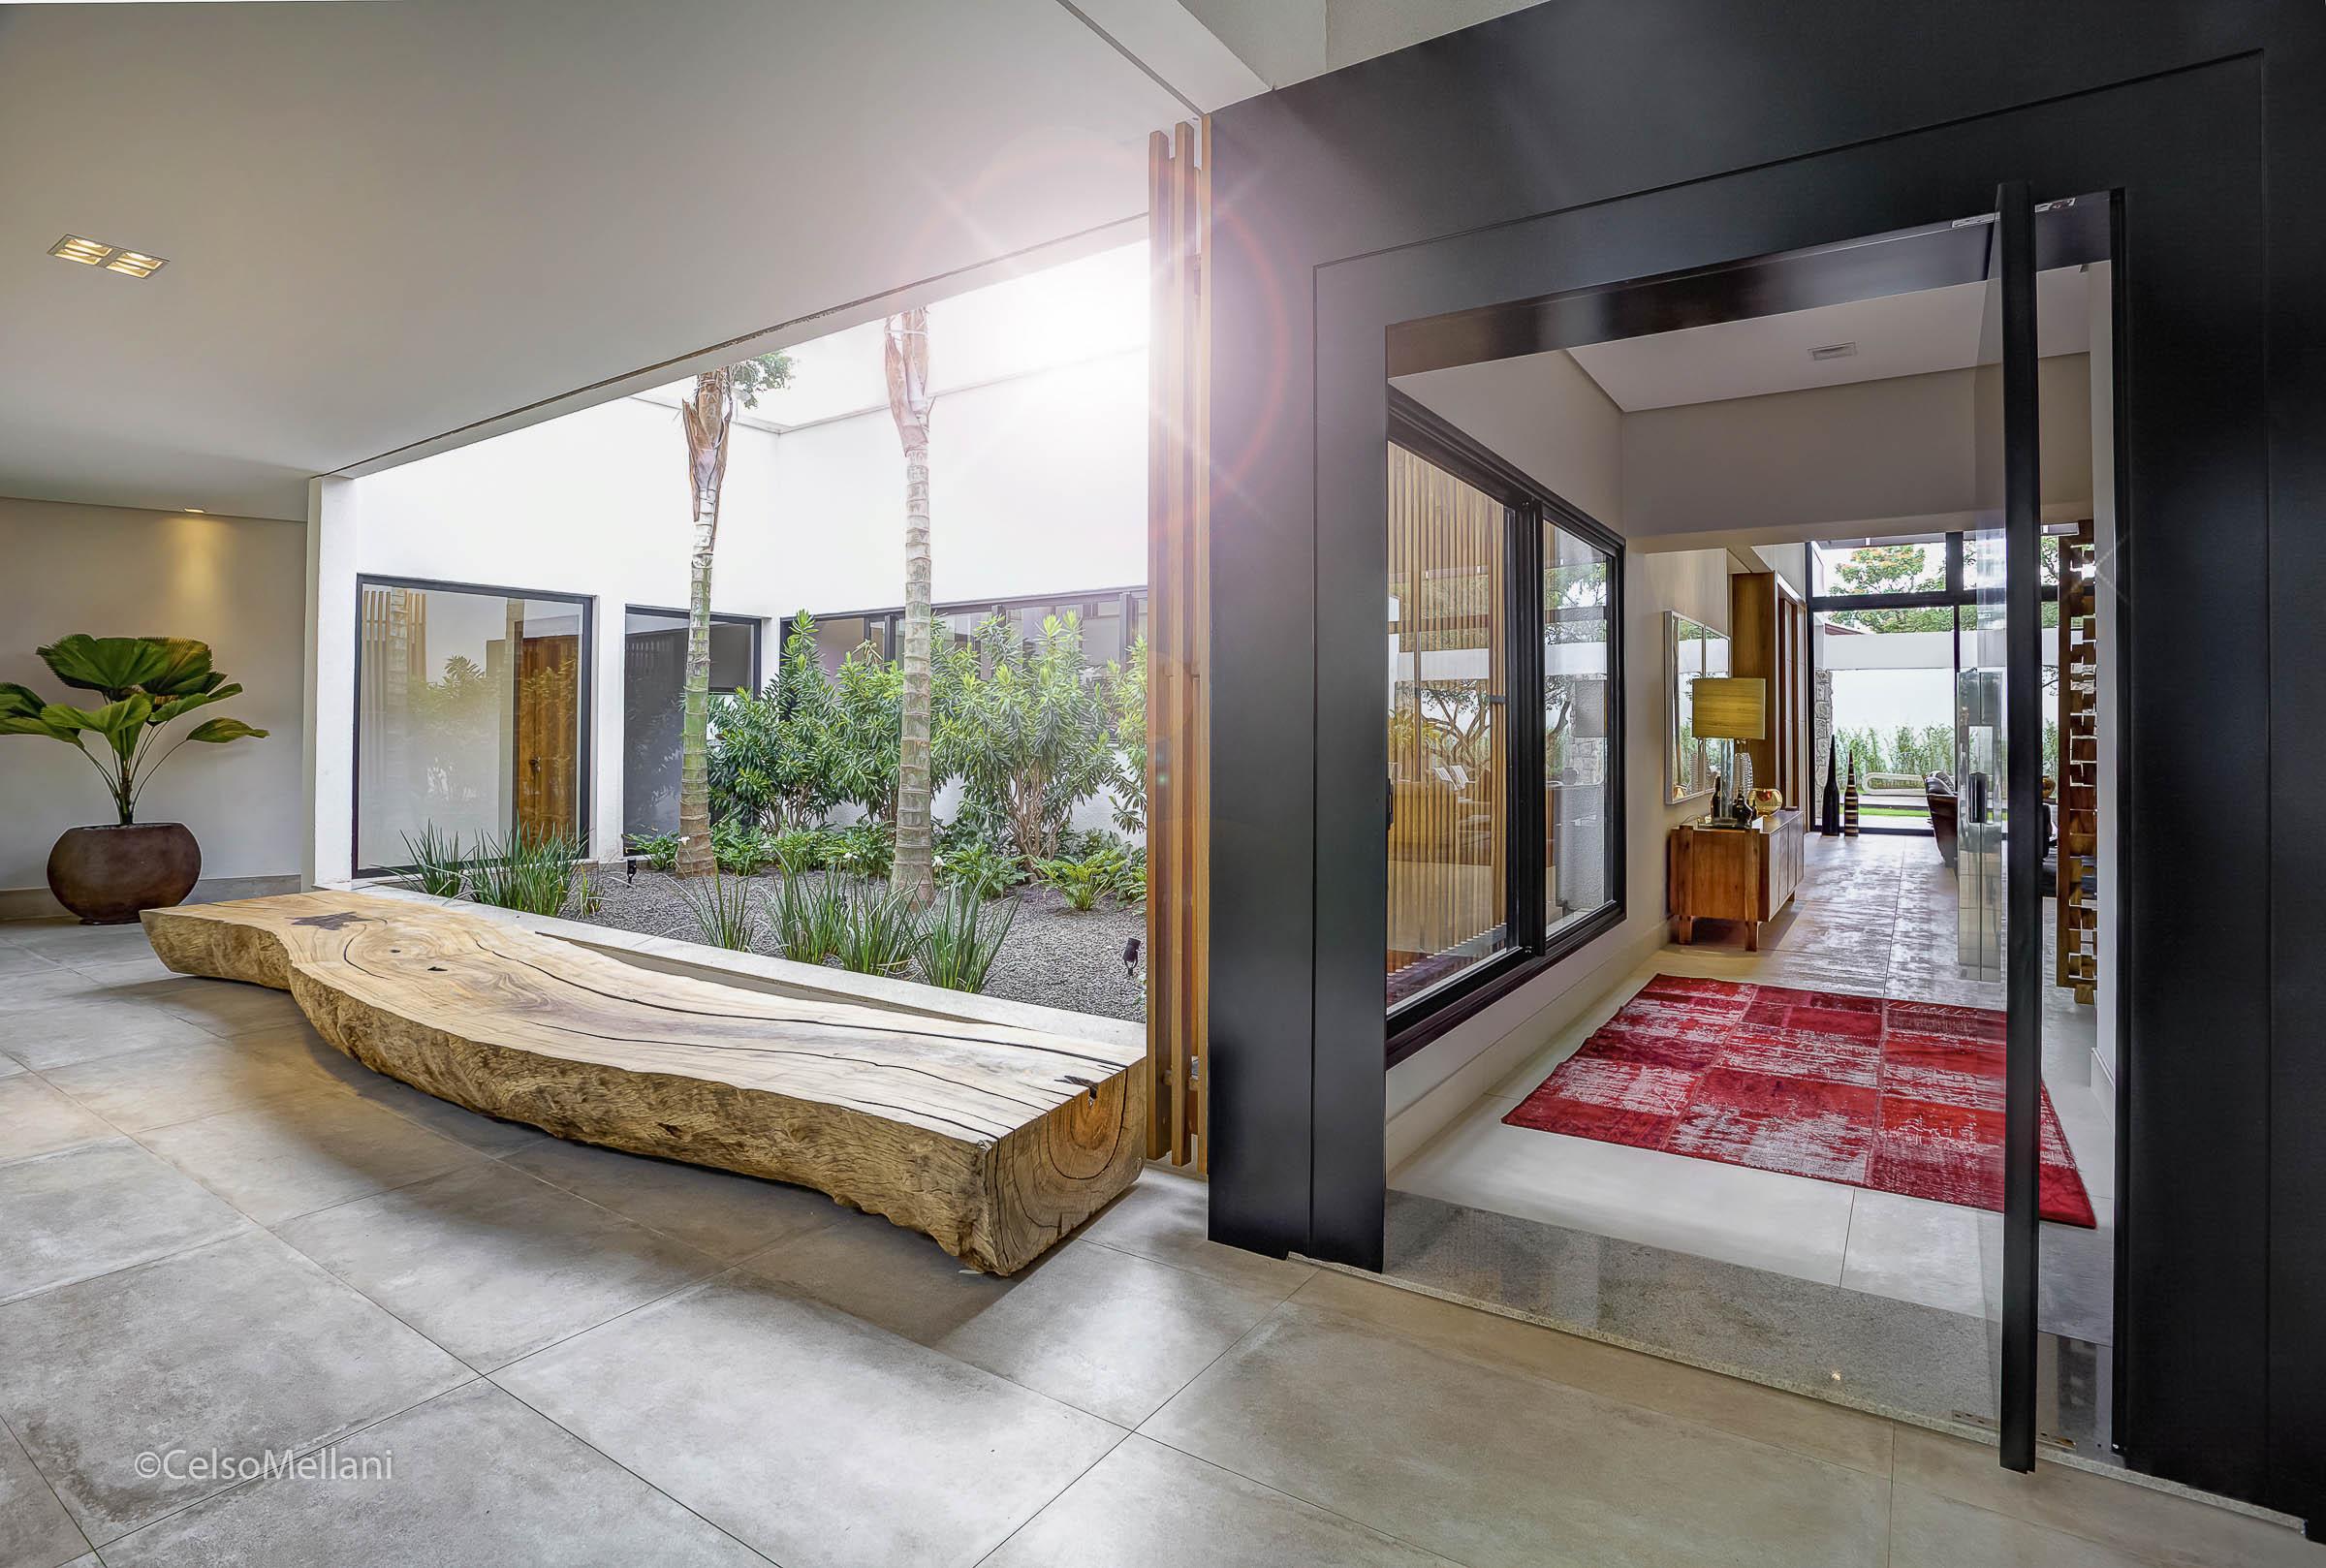 Arquitetos - Albiero & Costa